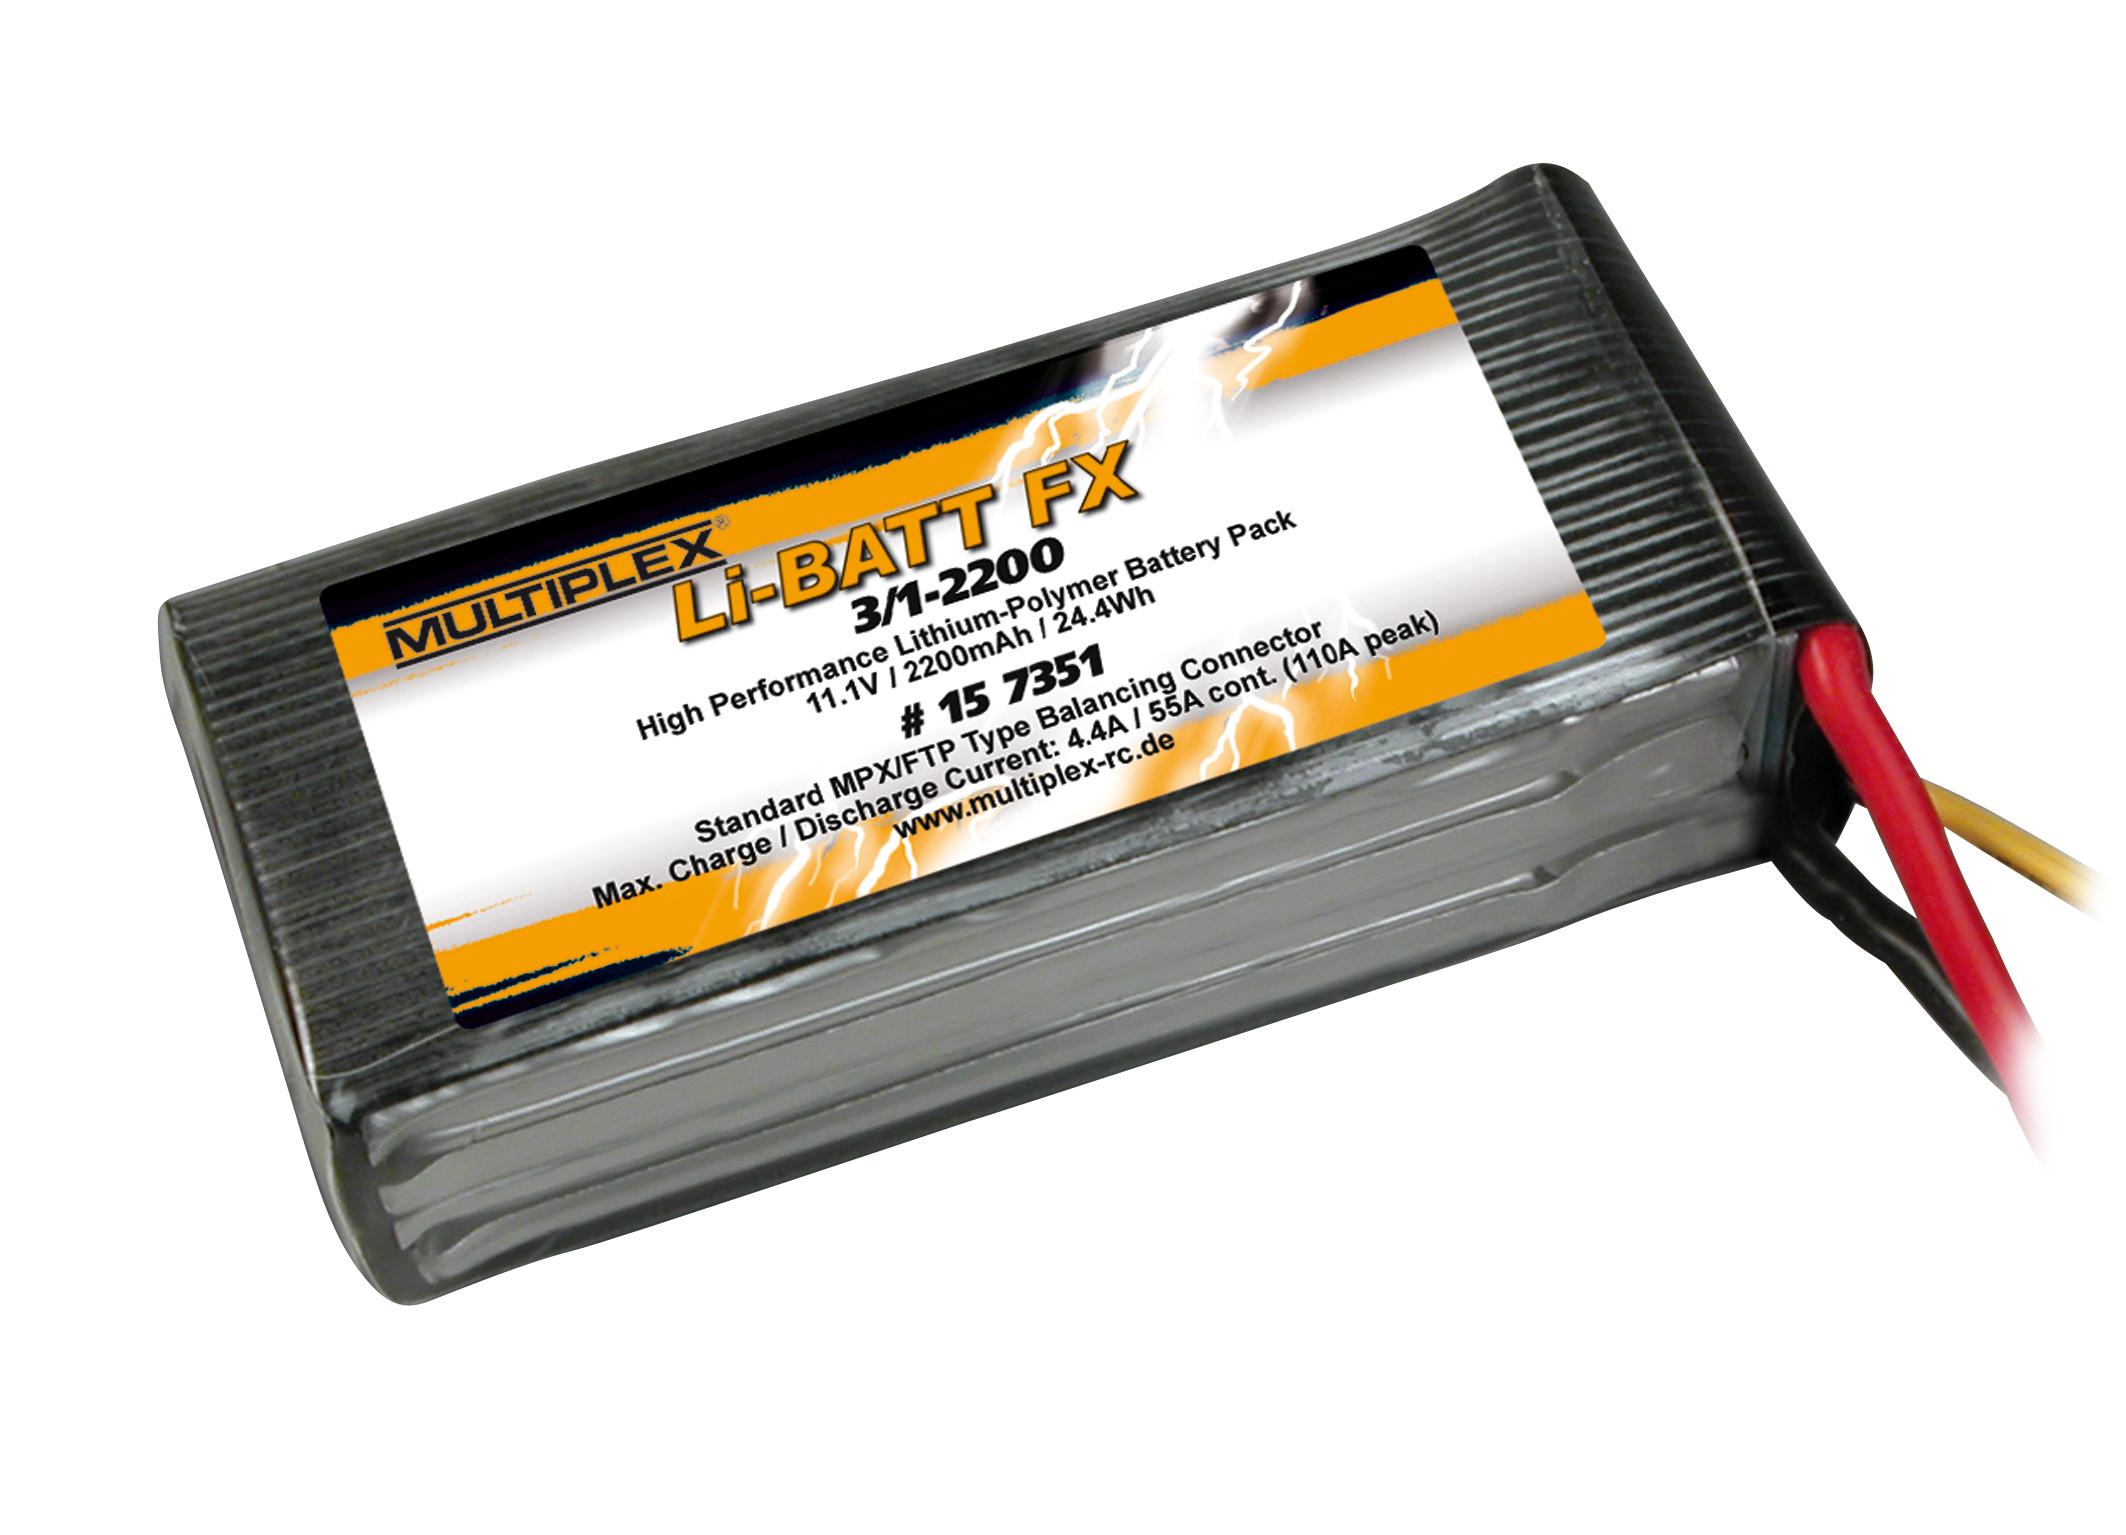 Akku Li-Batt FX 3/1-2200 (M6)